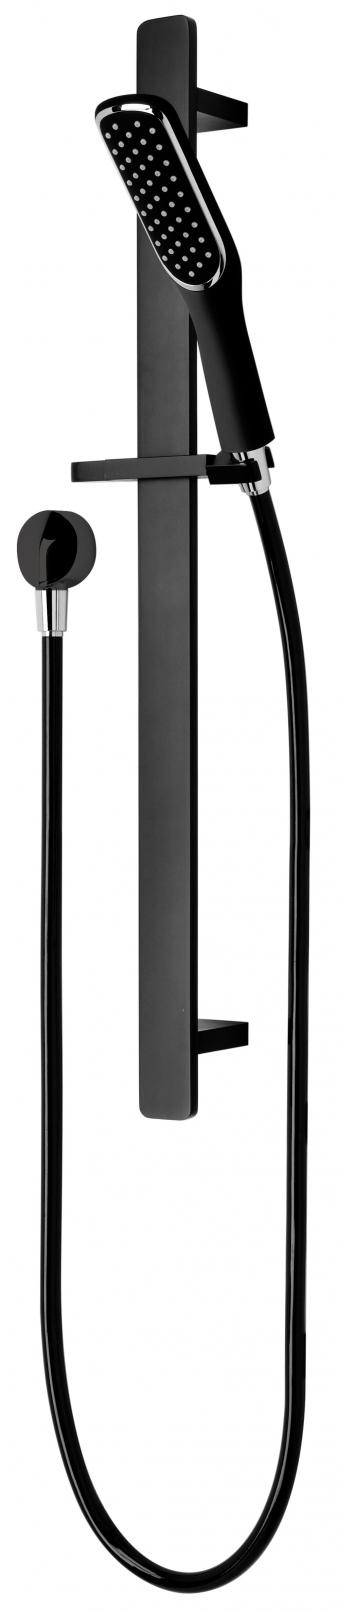 Black Edition Slide Shower SBK040. Image: 7